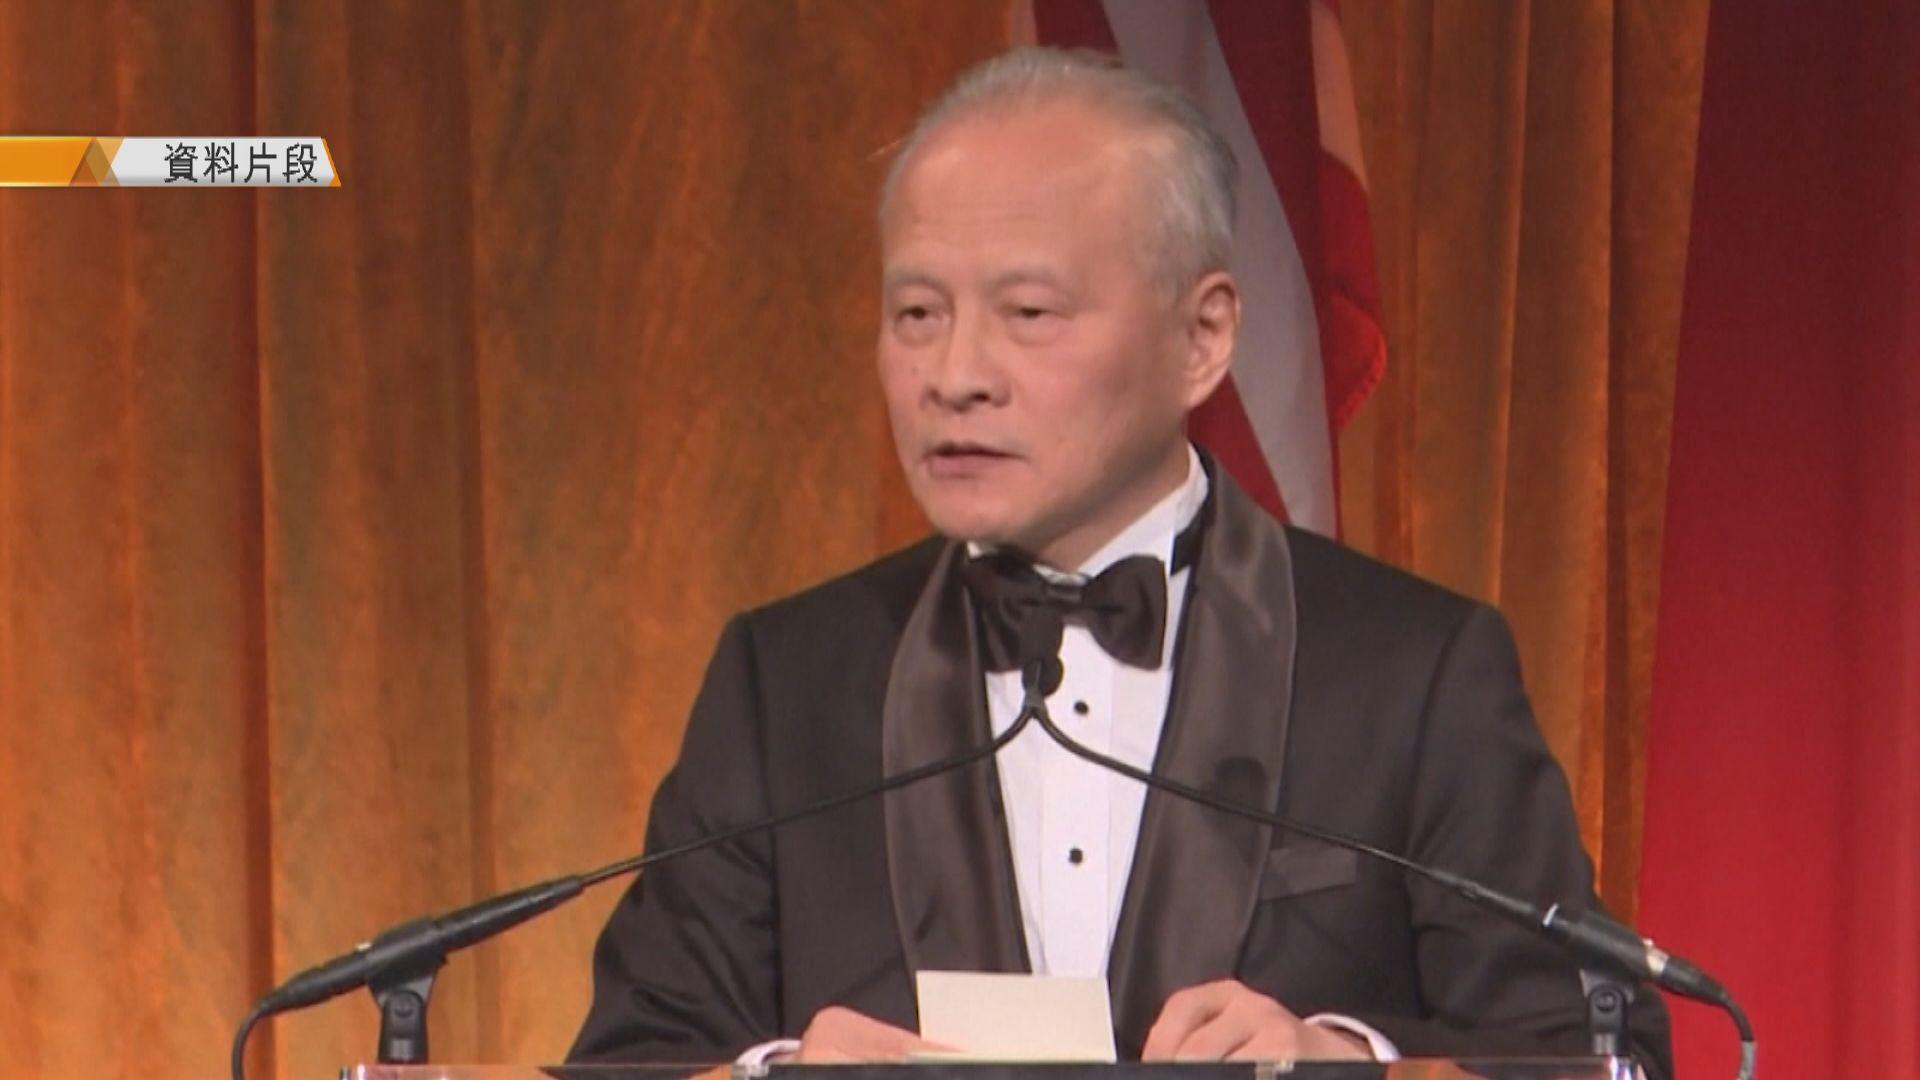 崔天凱:中美關係應摒棄零和博弈思維